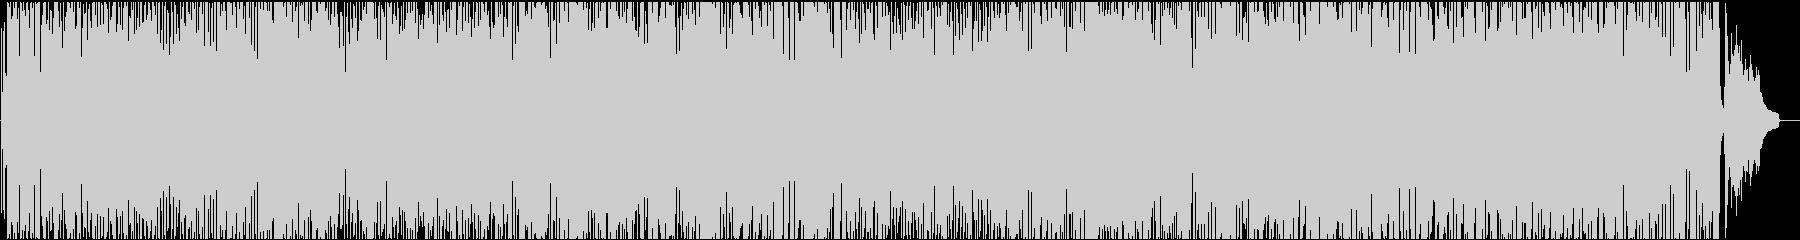 ほのぼのとした雰囲気のフレンチポップの未再生の波形